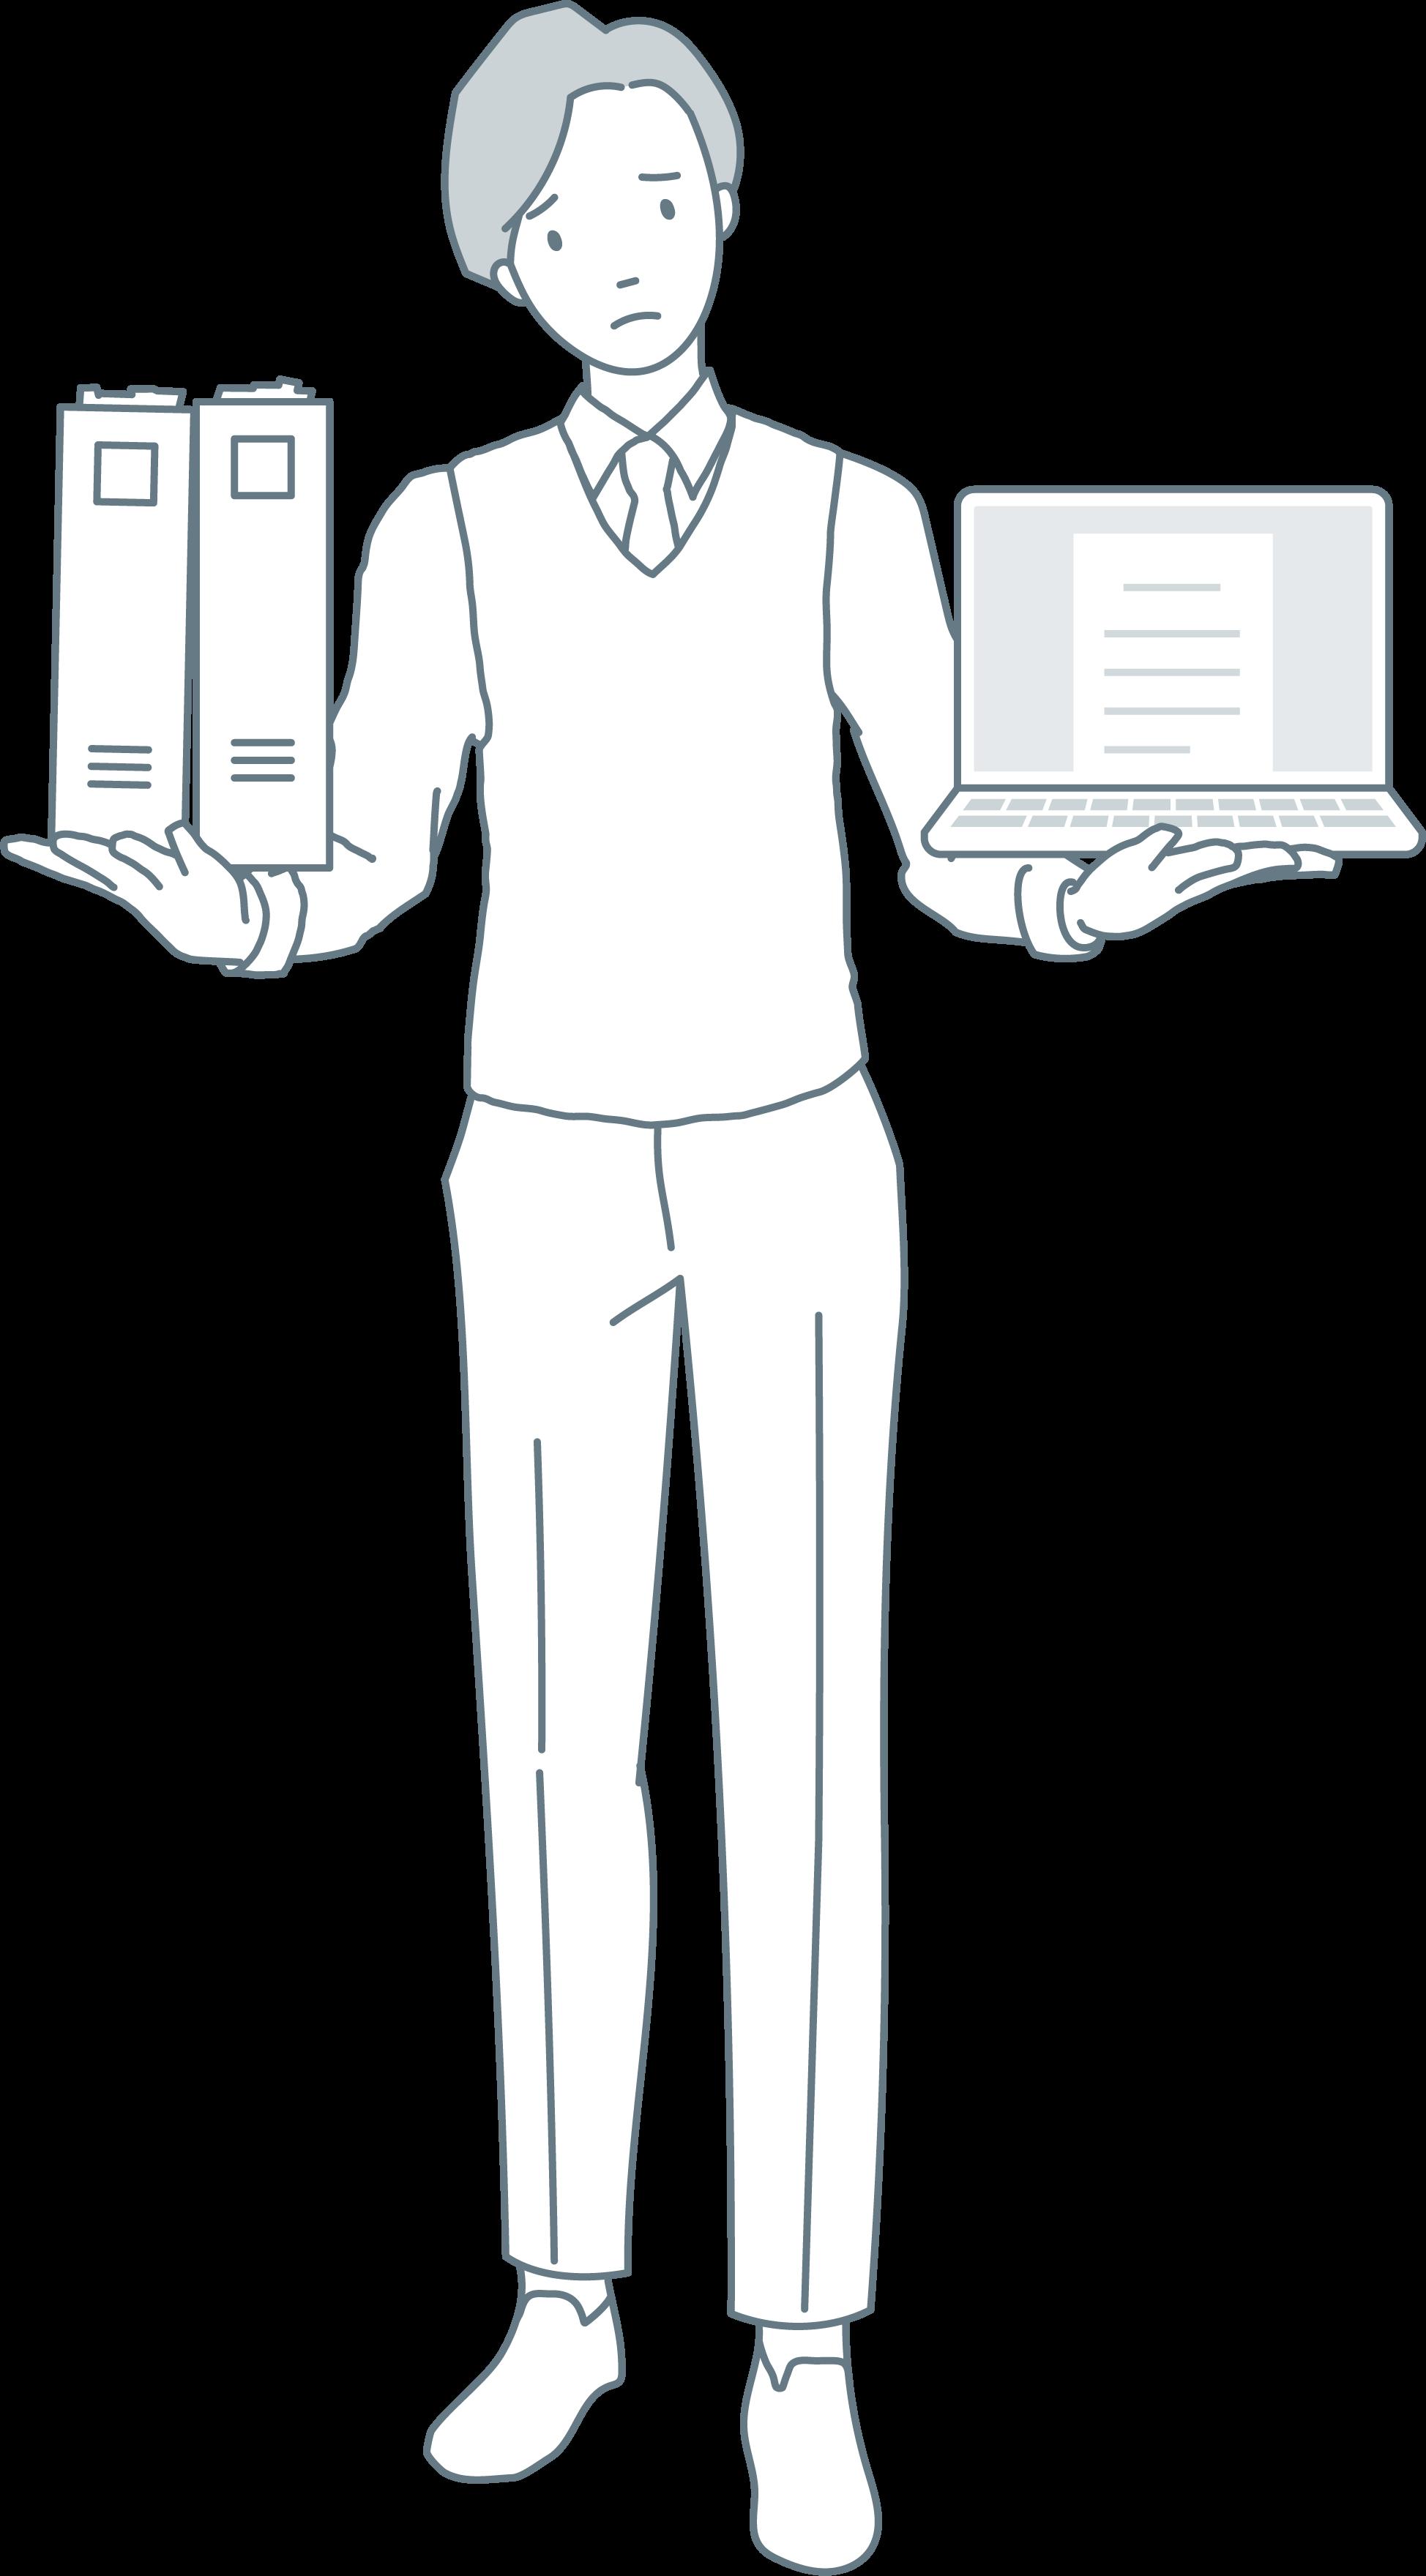 contrfinder-illustration__people-problem-1